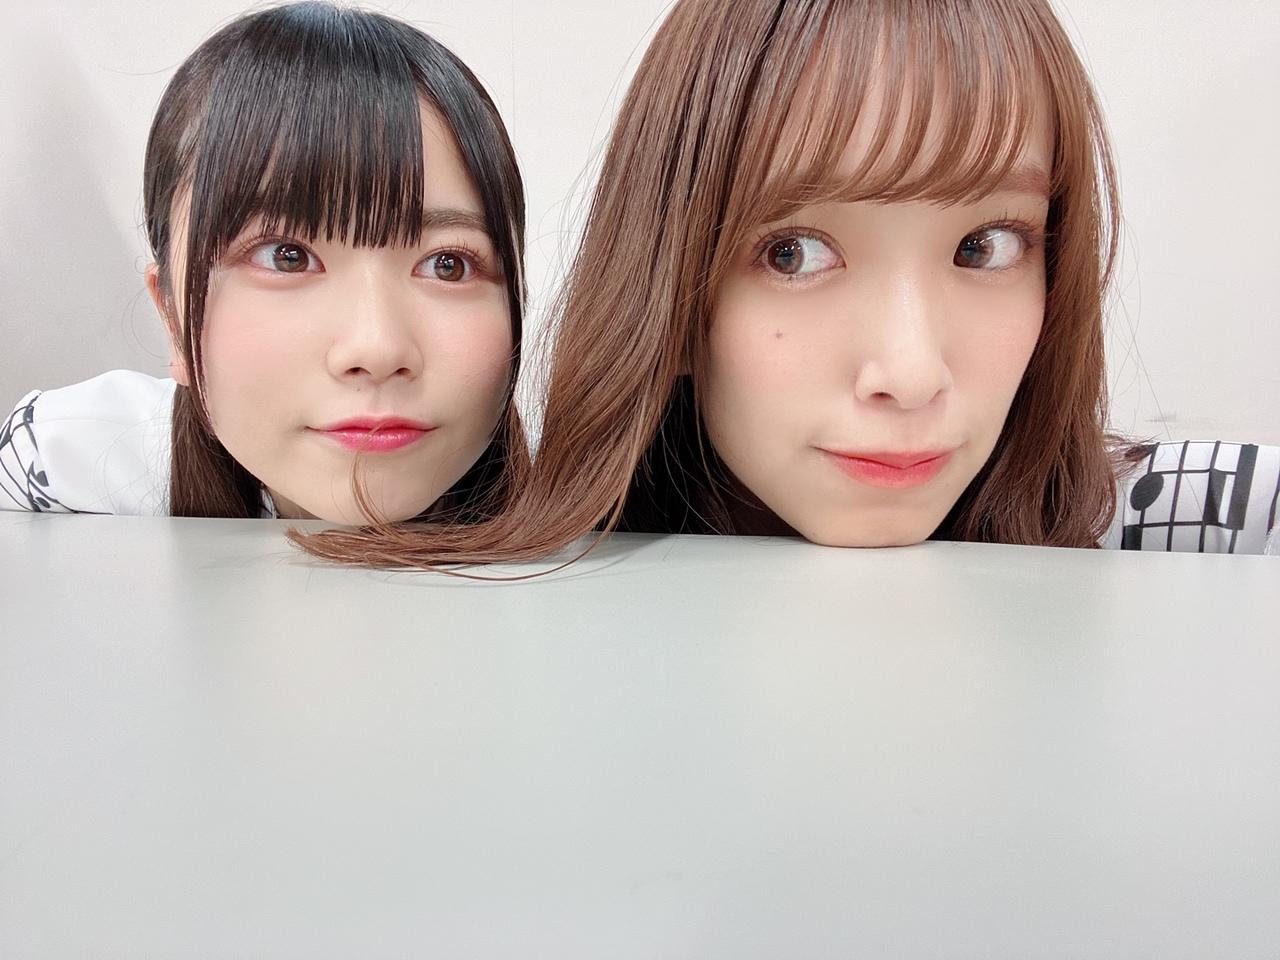 日向坂46メンバーブログまとめ2019年10月12日